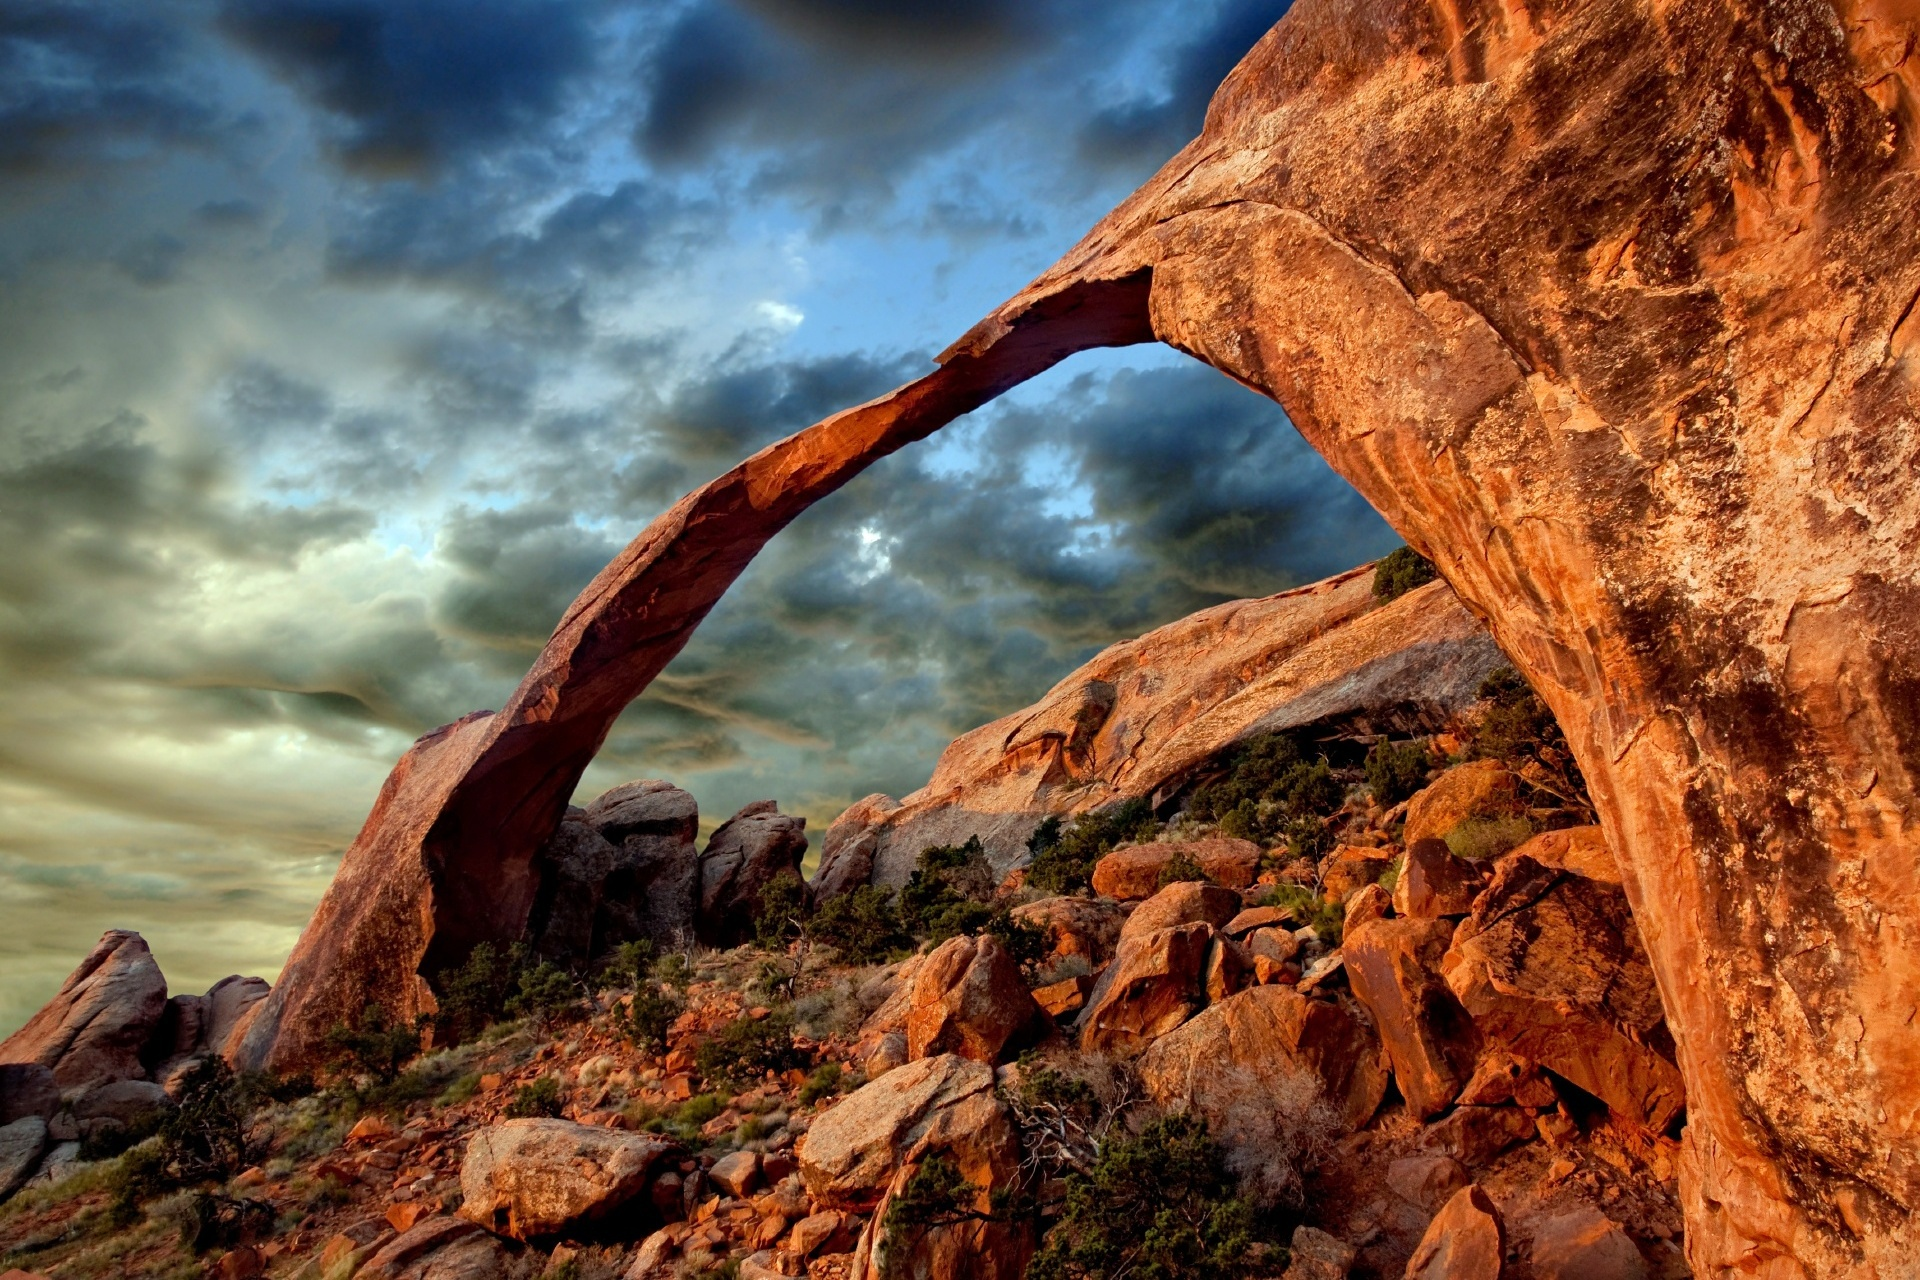 アーチーズ国立公園の風景 アメリカ合衆国ユタ州グランド郡